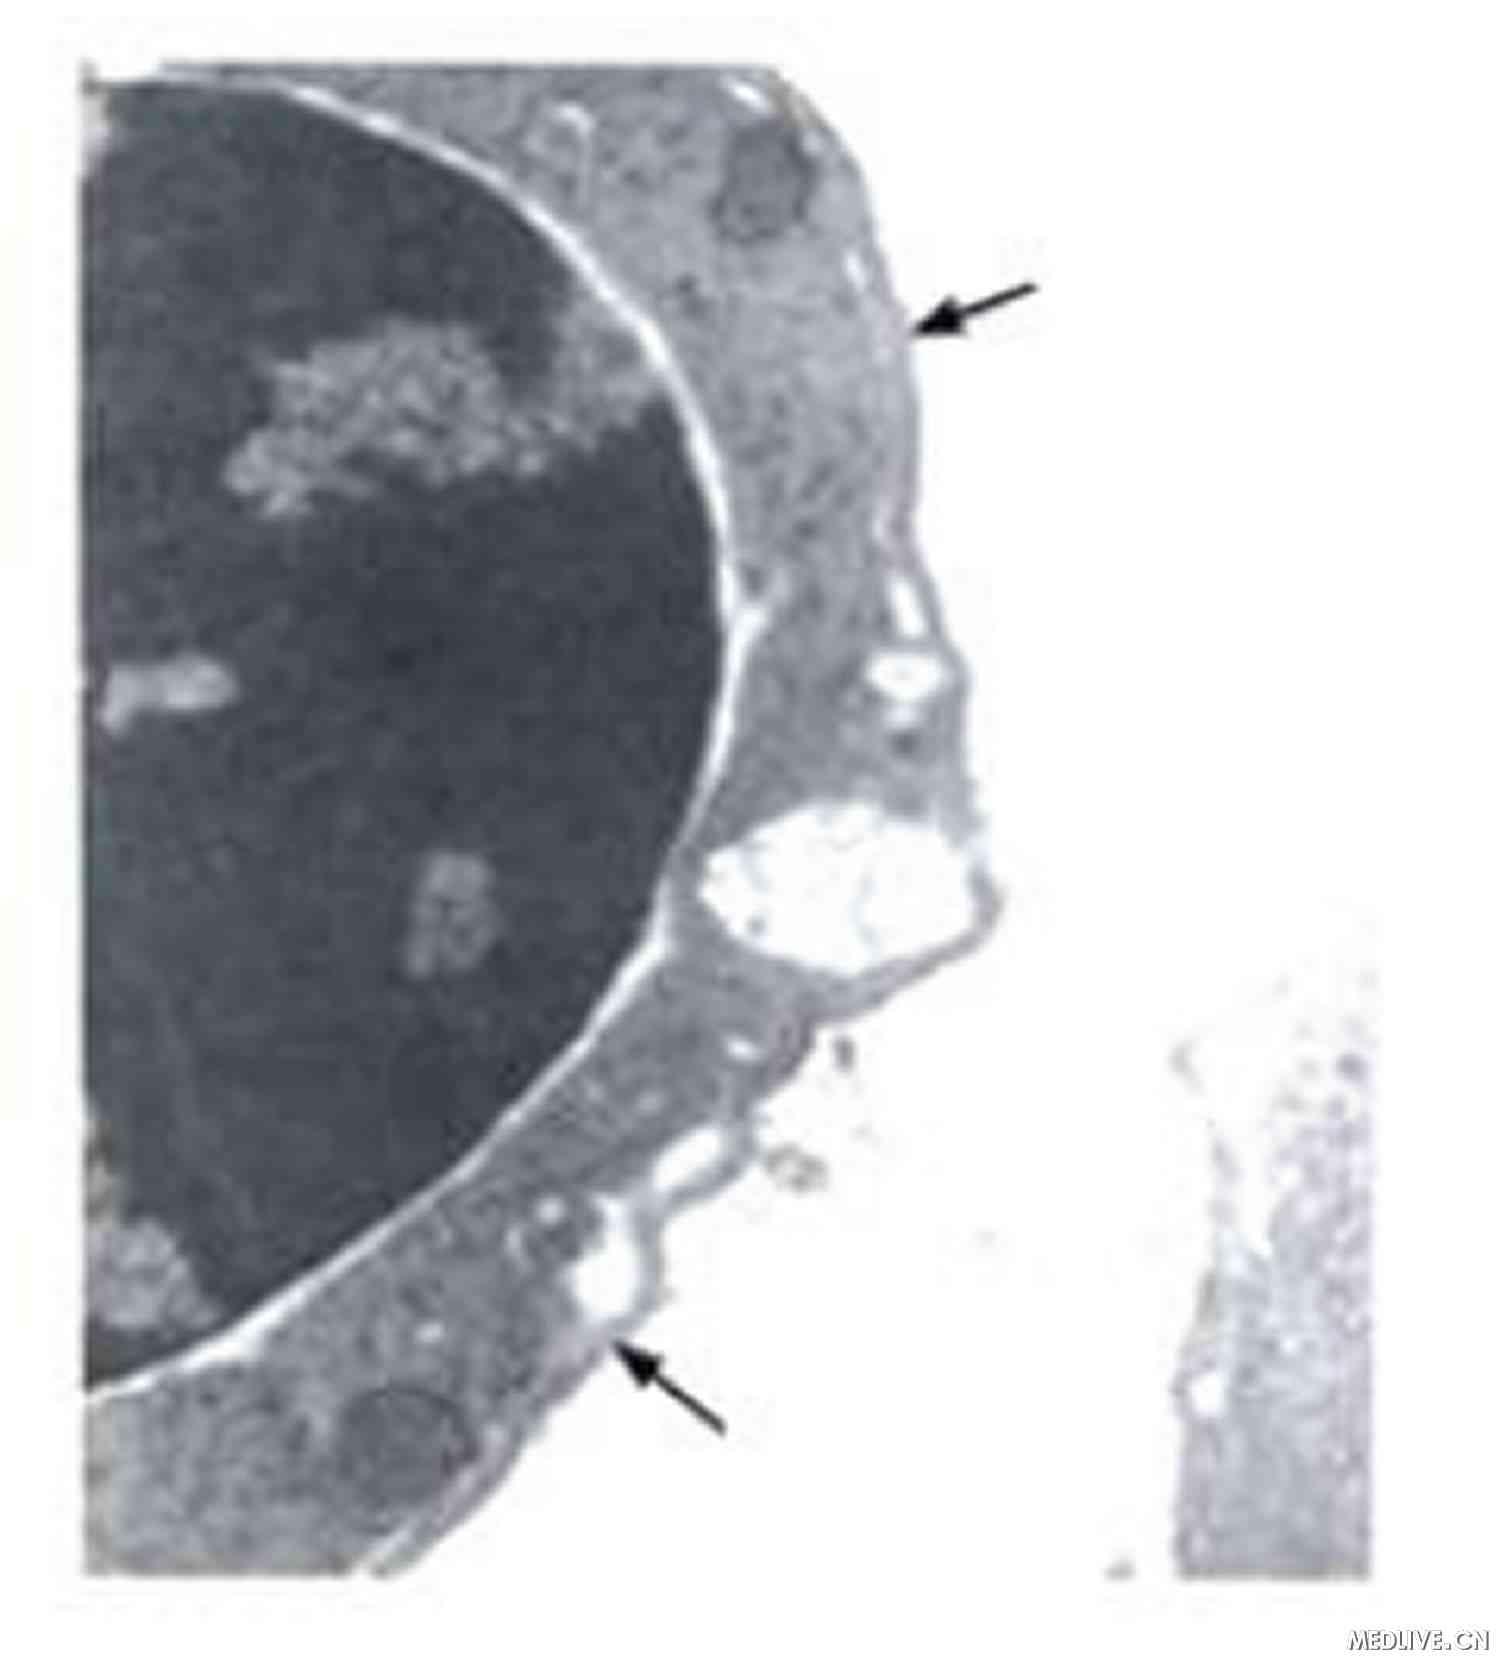 粒细胞超微结构未见异常